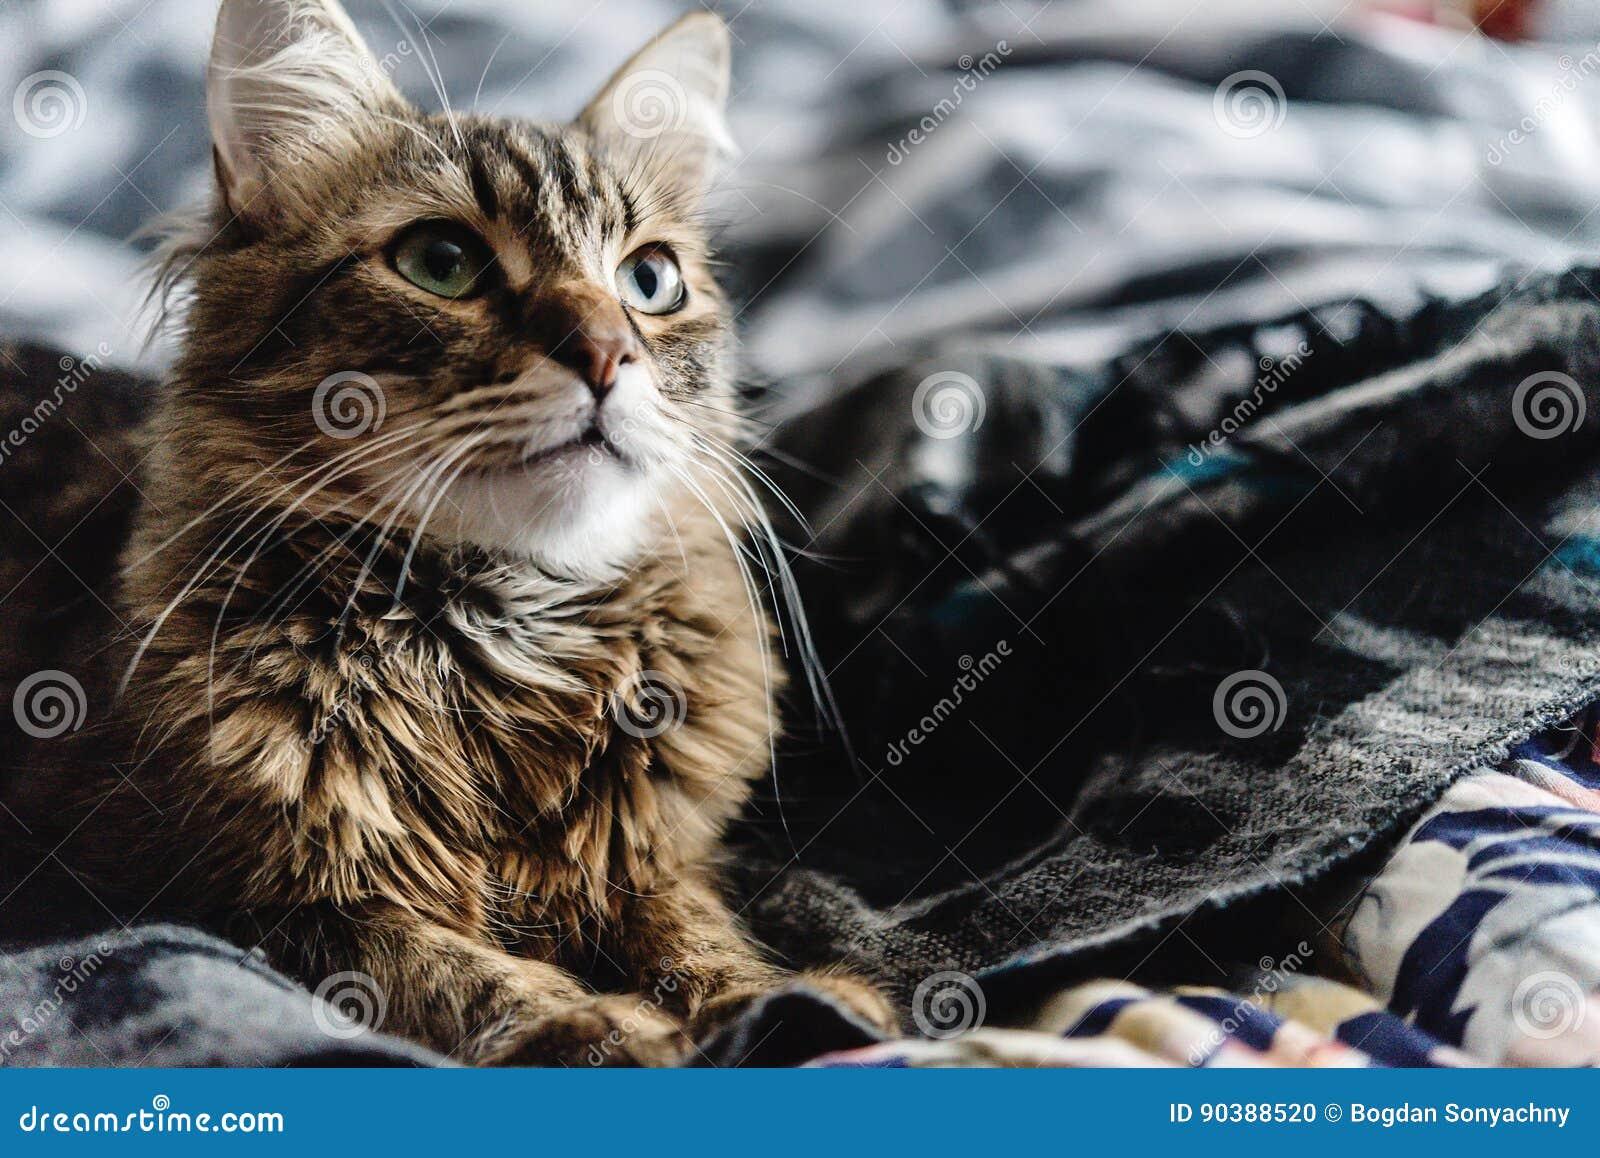 die schöne nette katze, die auf stilvollem bett mit interessantem